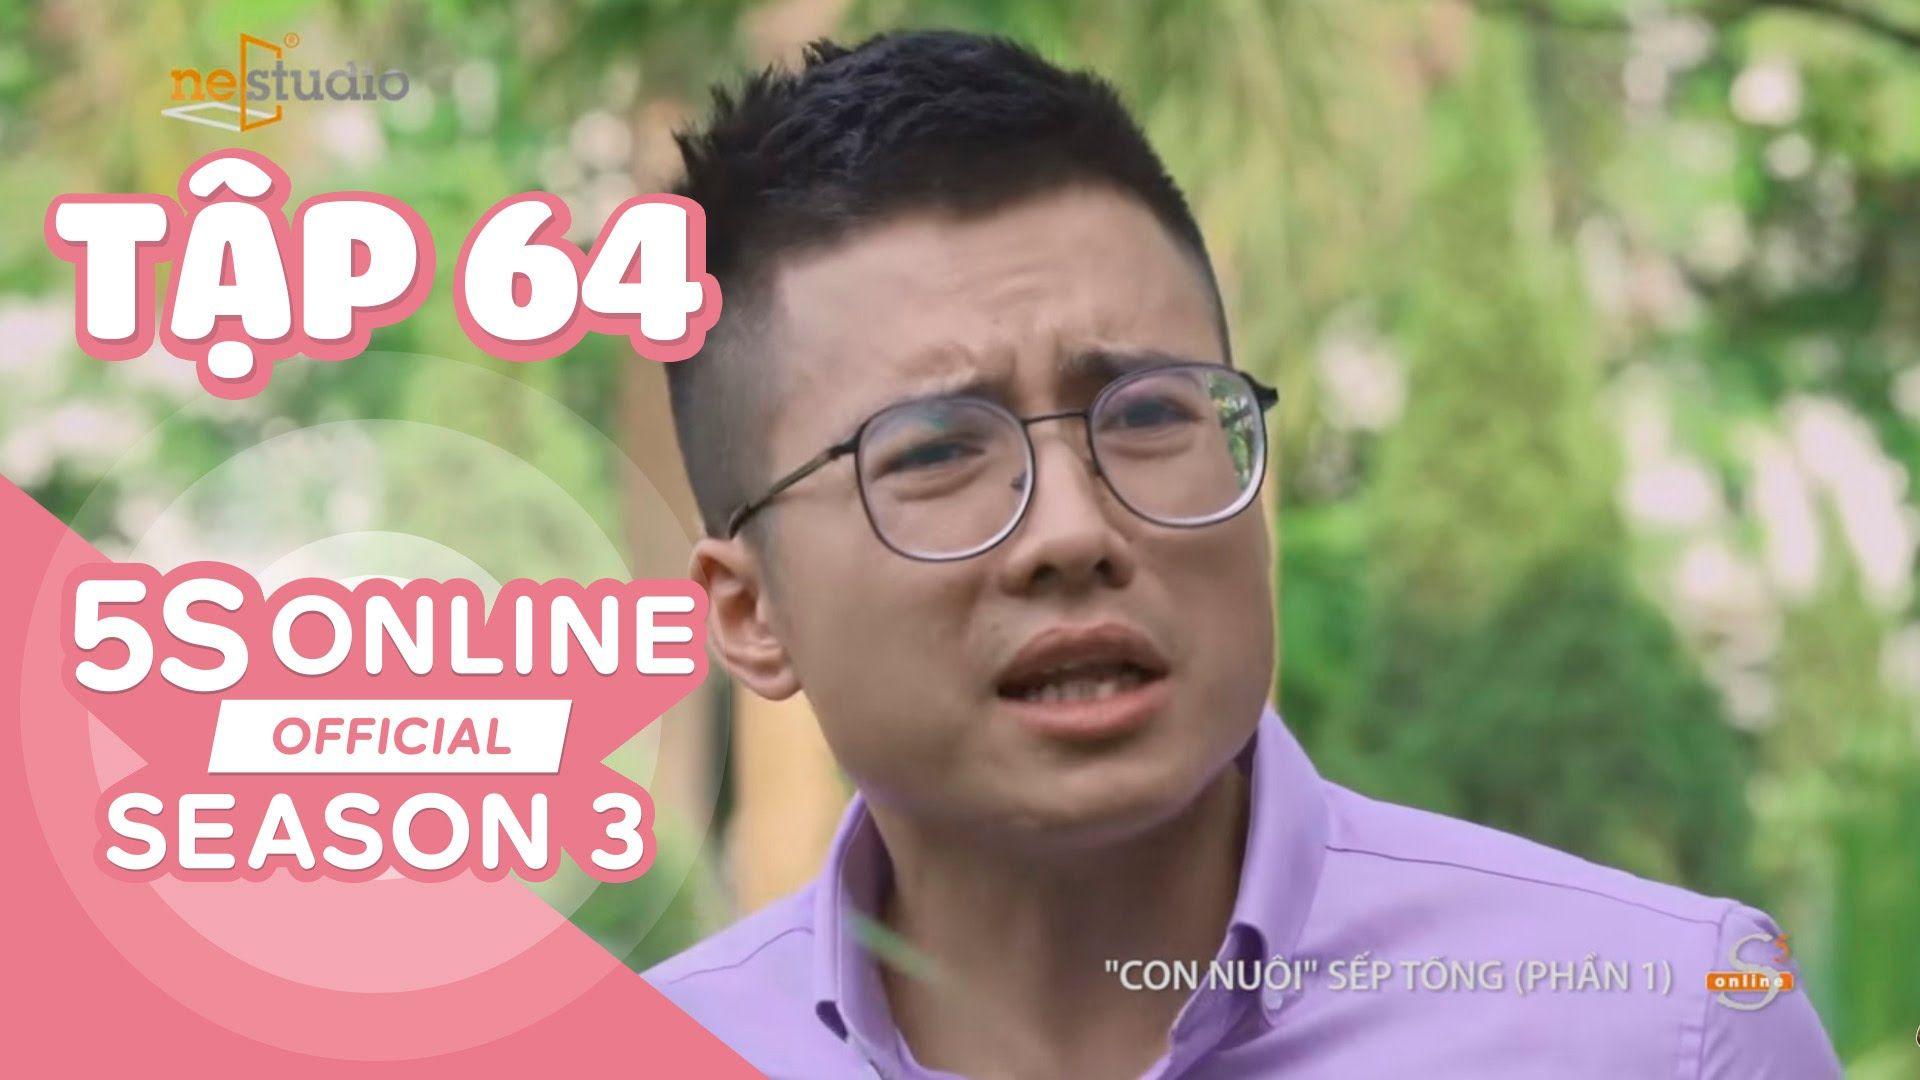 5S Online Mùa 3 - Tập 64 : Con Nuôi Sếp Tổng - Phần 1 Full